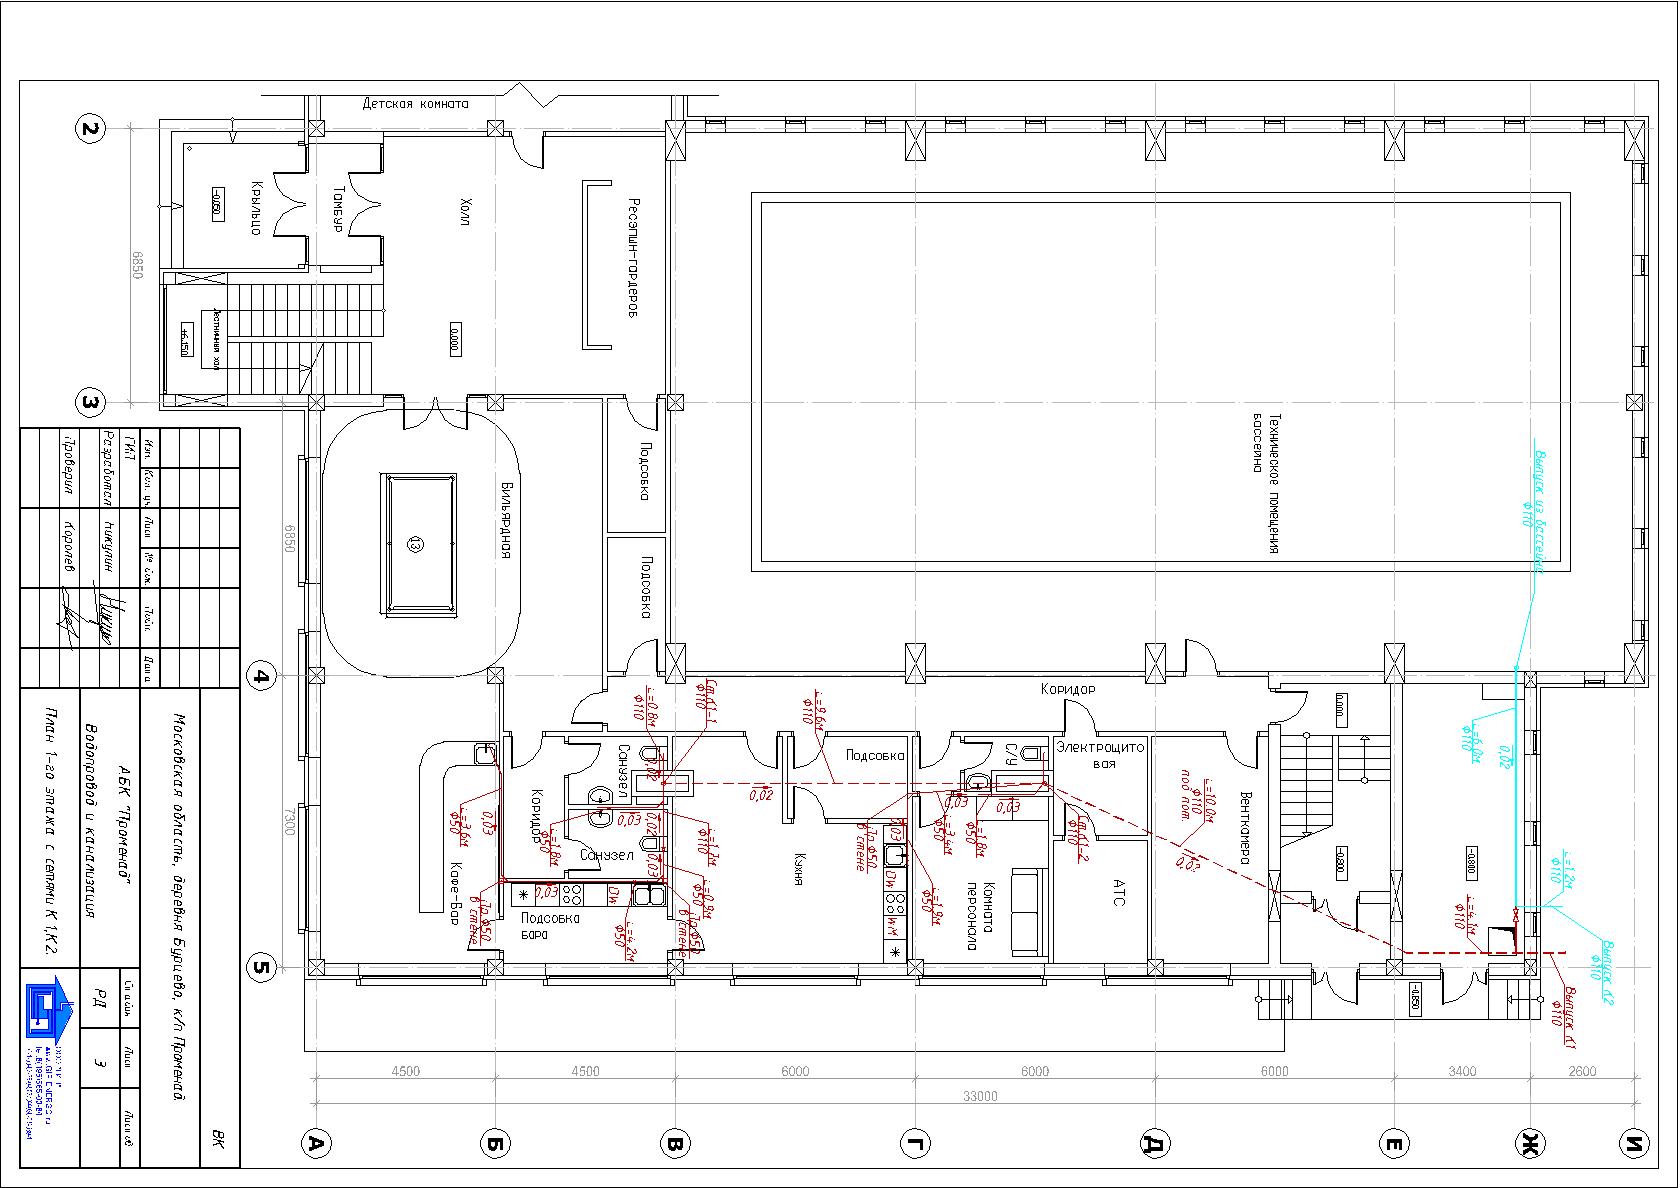 техникумы специальности проектирование системы внутреннего водопровода по индивидуальным здании однокомнатная квартира